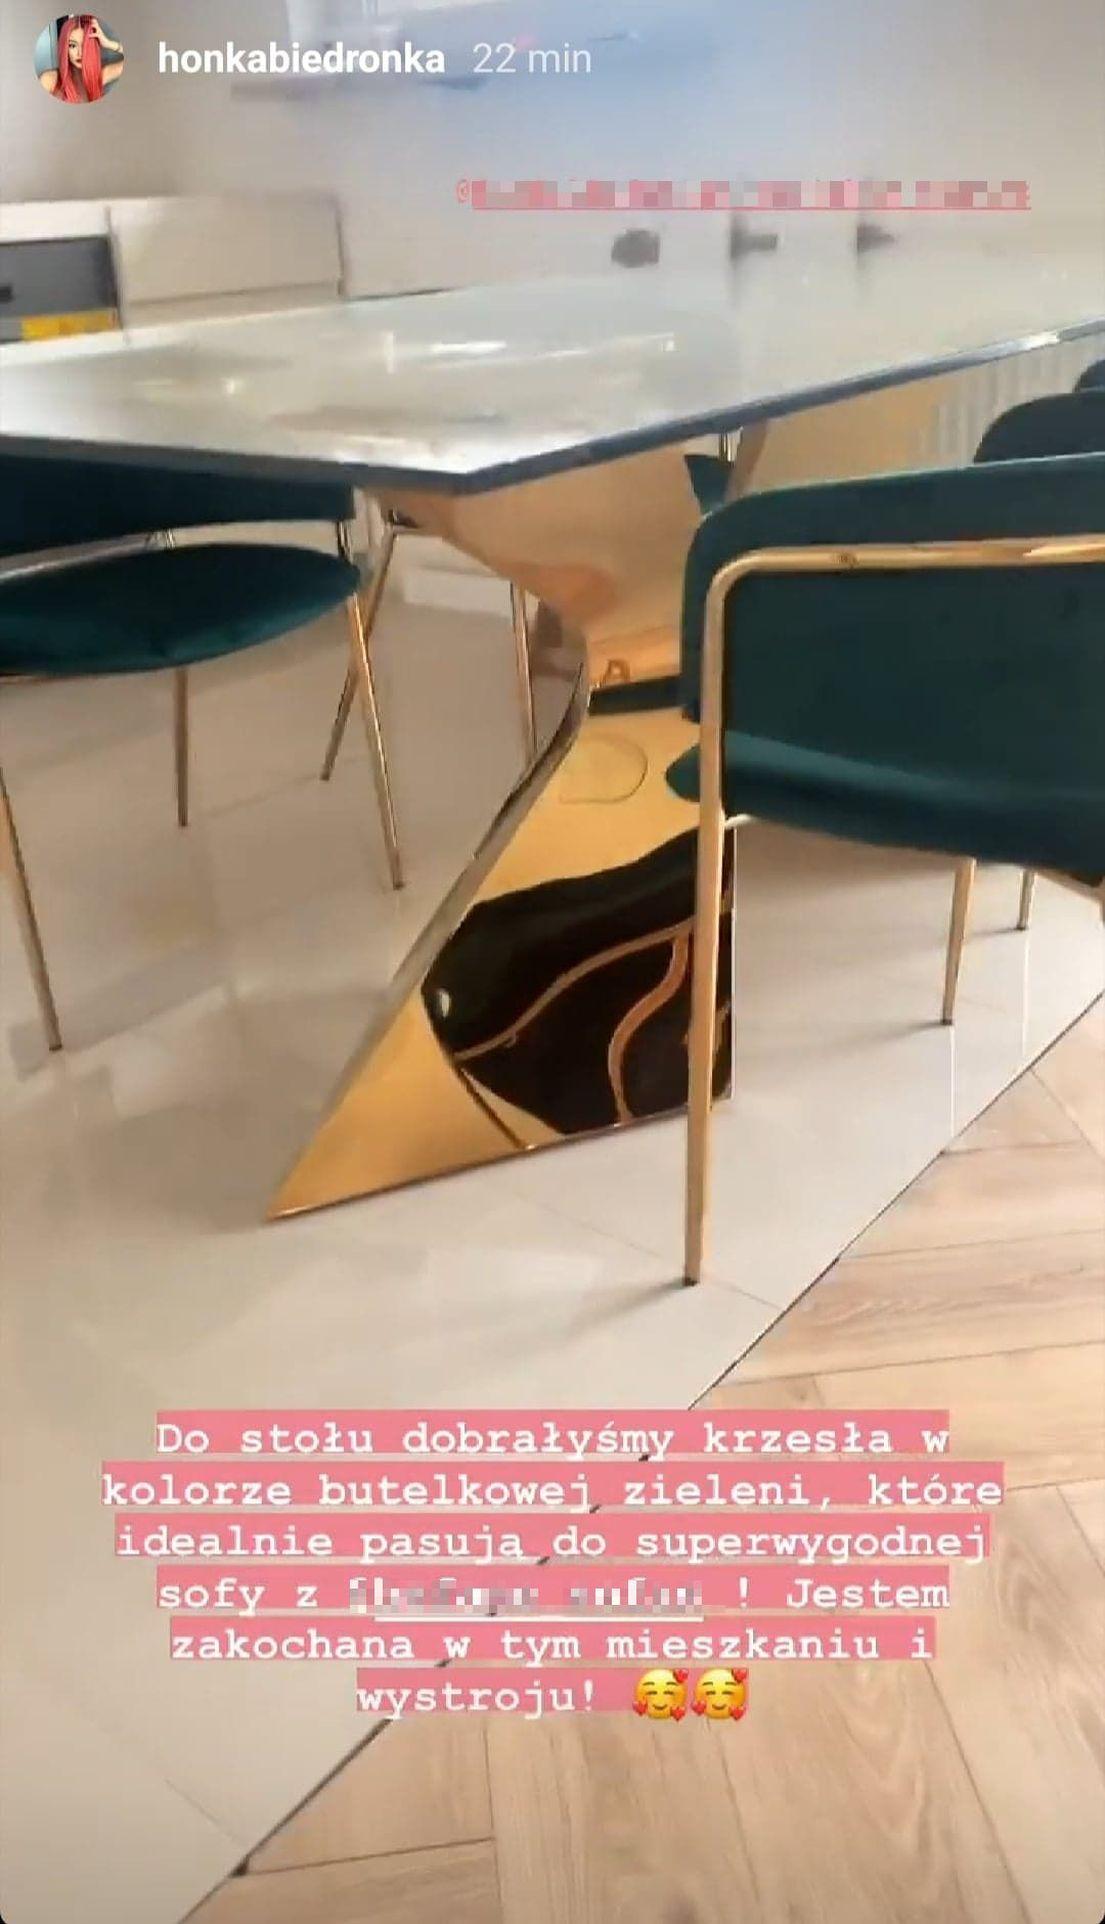 Honorata Skarbek urządza mieszkanie